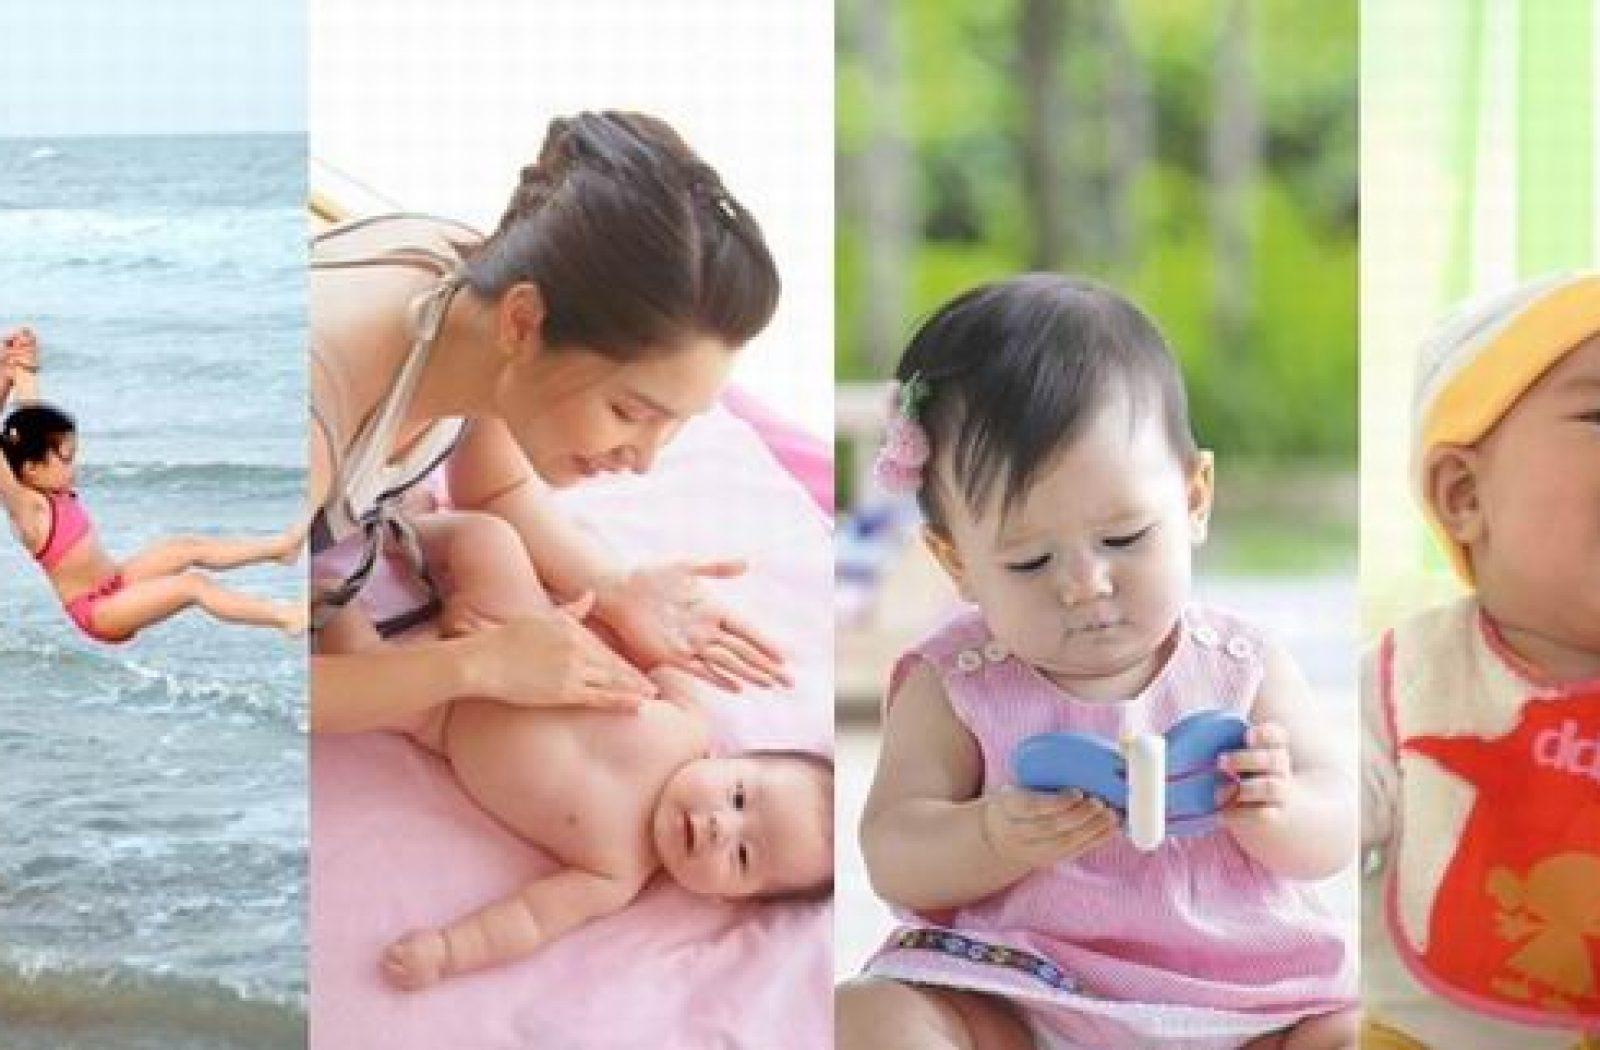 บทความให้ความรู้เกี่ยวกับการเลี้ยงลูกยังไงให้ประสบความสำเร็จ